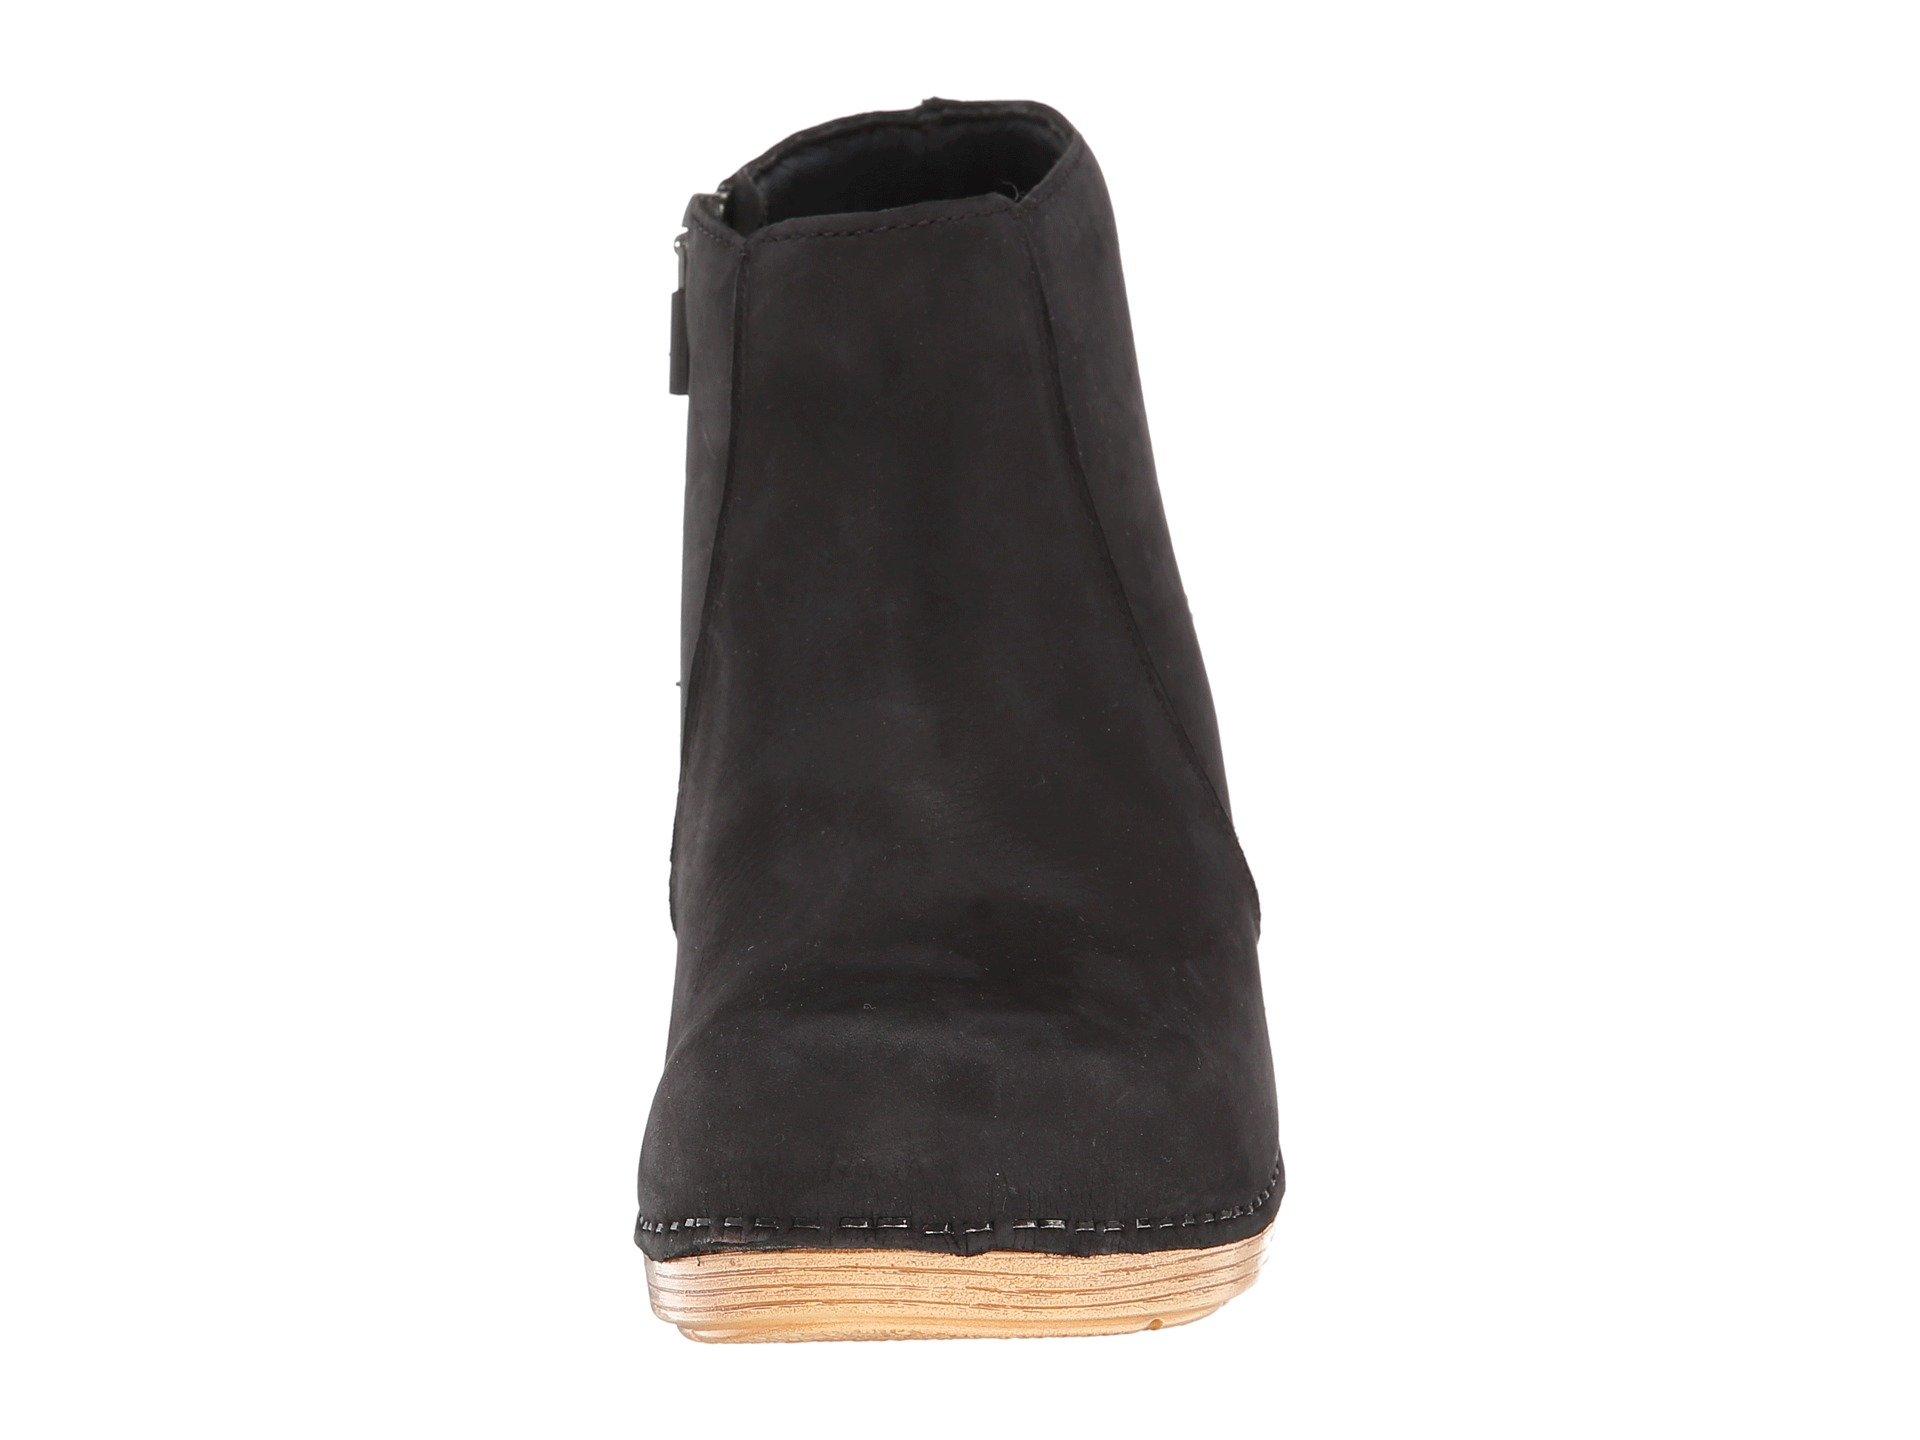 Dansko Black Milled Nubuck Dansko Maria Dansko Black Maria Milled Nubuck rtq86xw1r